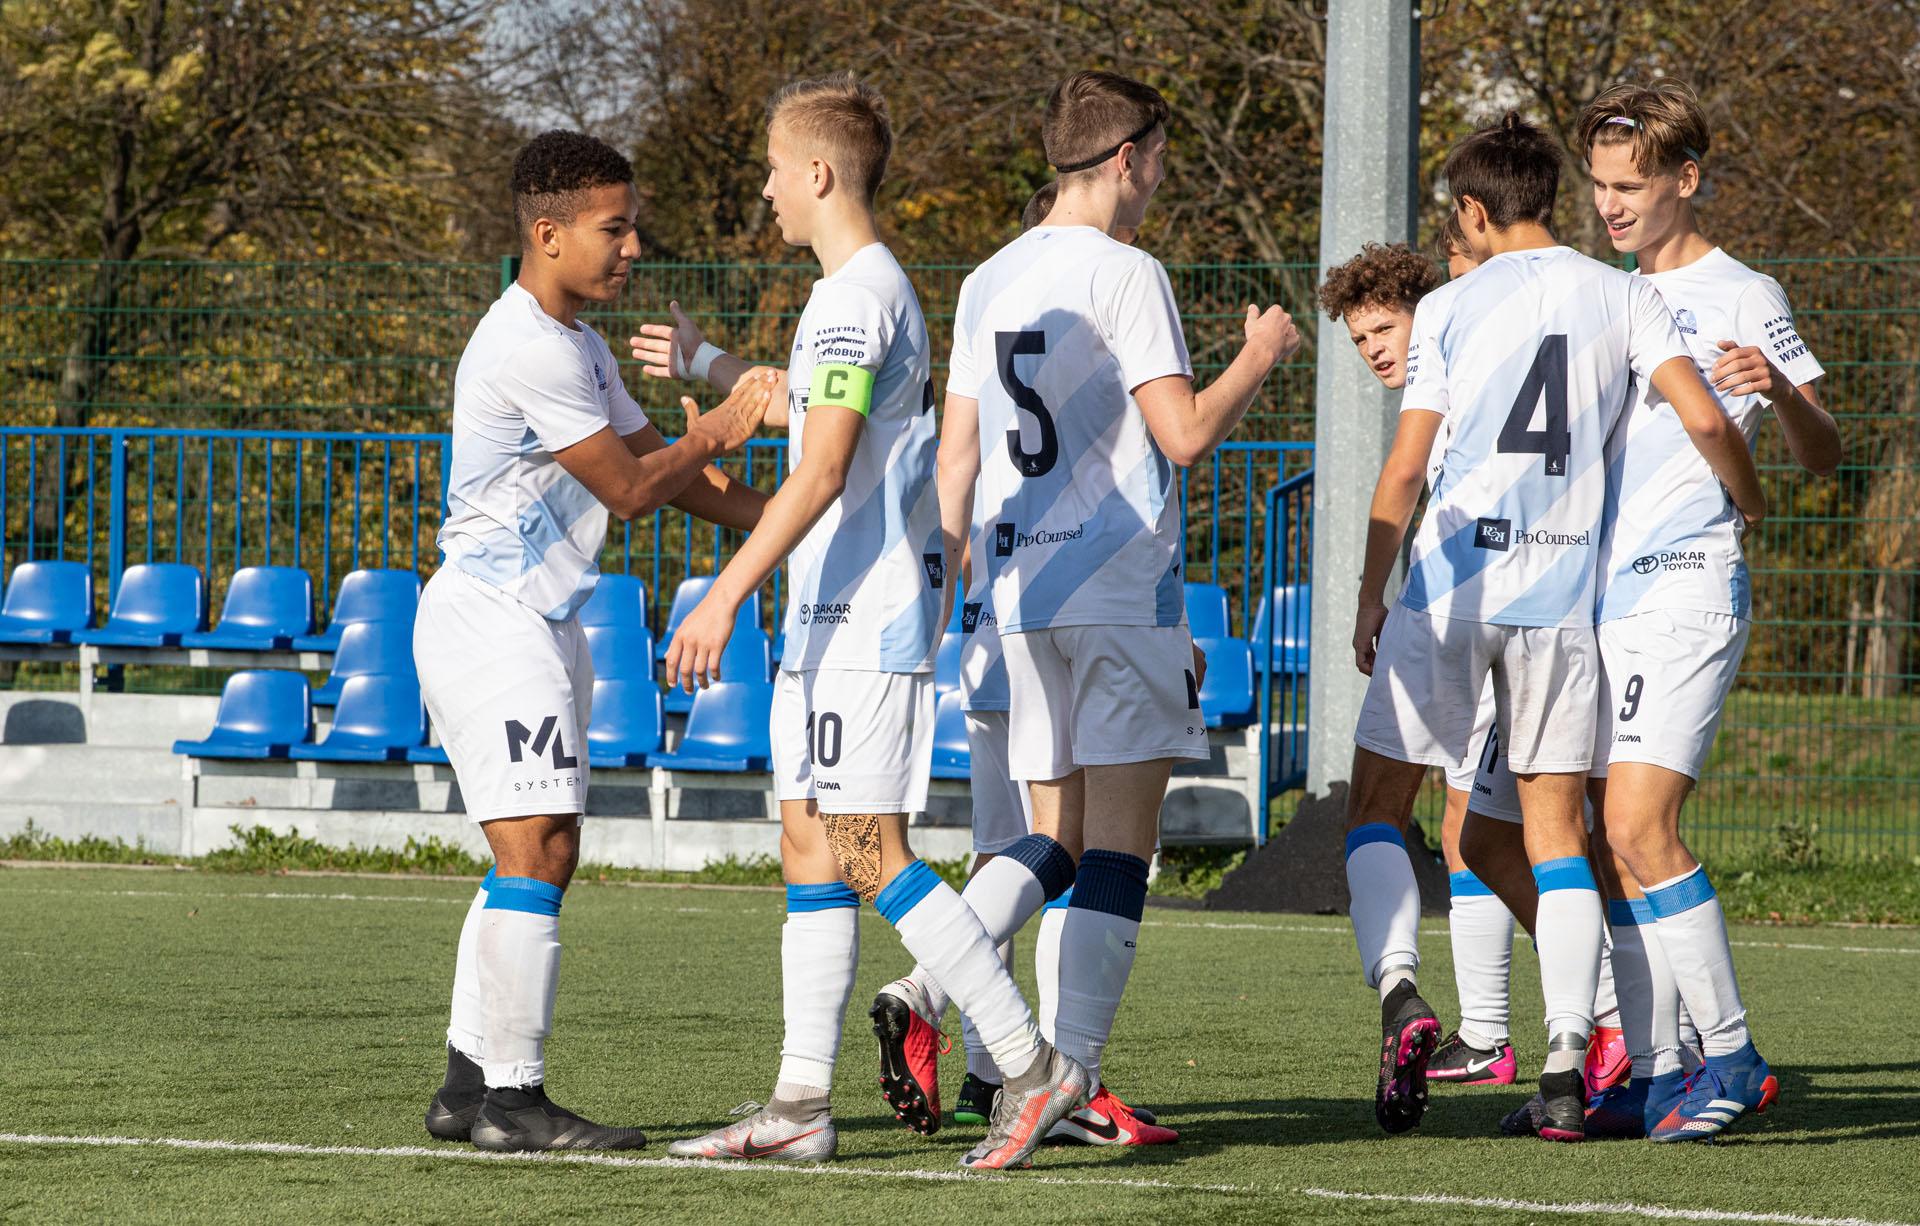 Stal Rzeszów U17 - Resovia U17 4-0